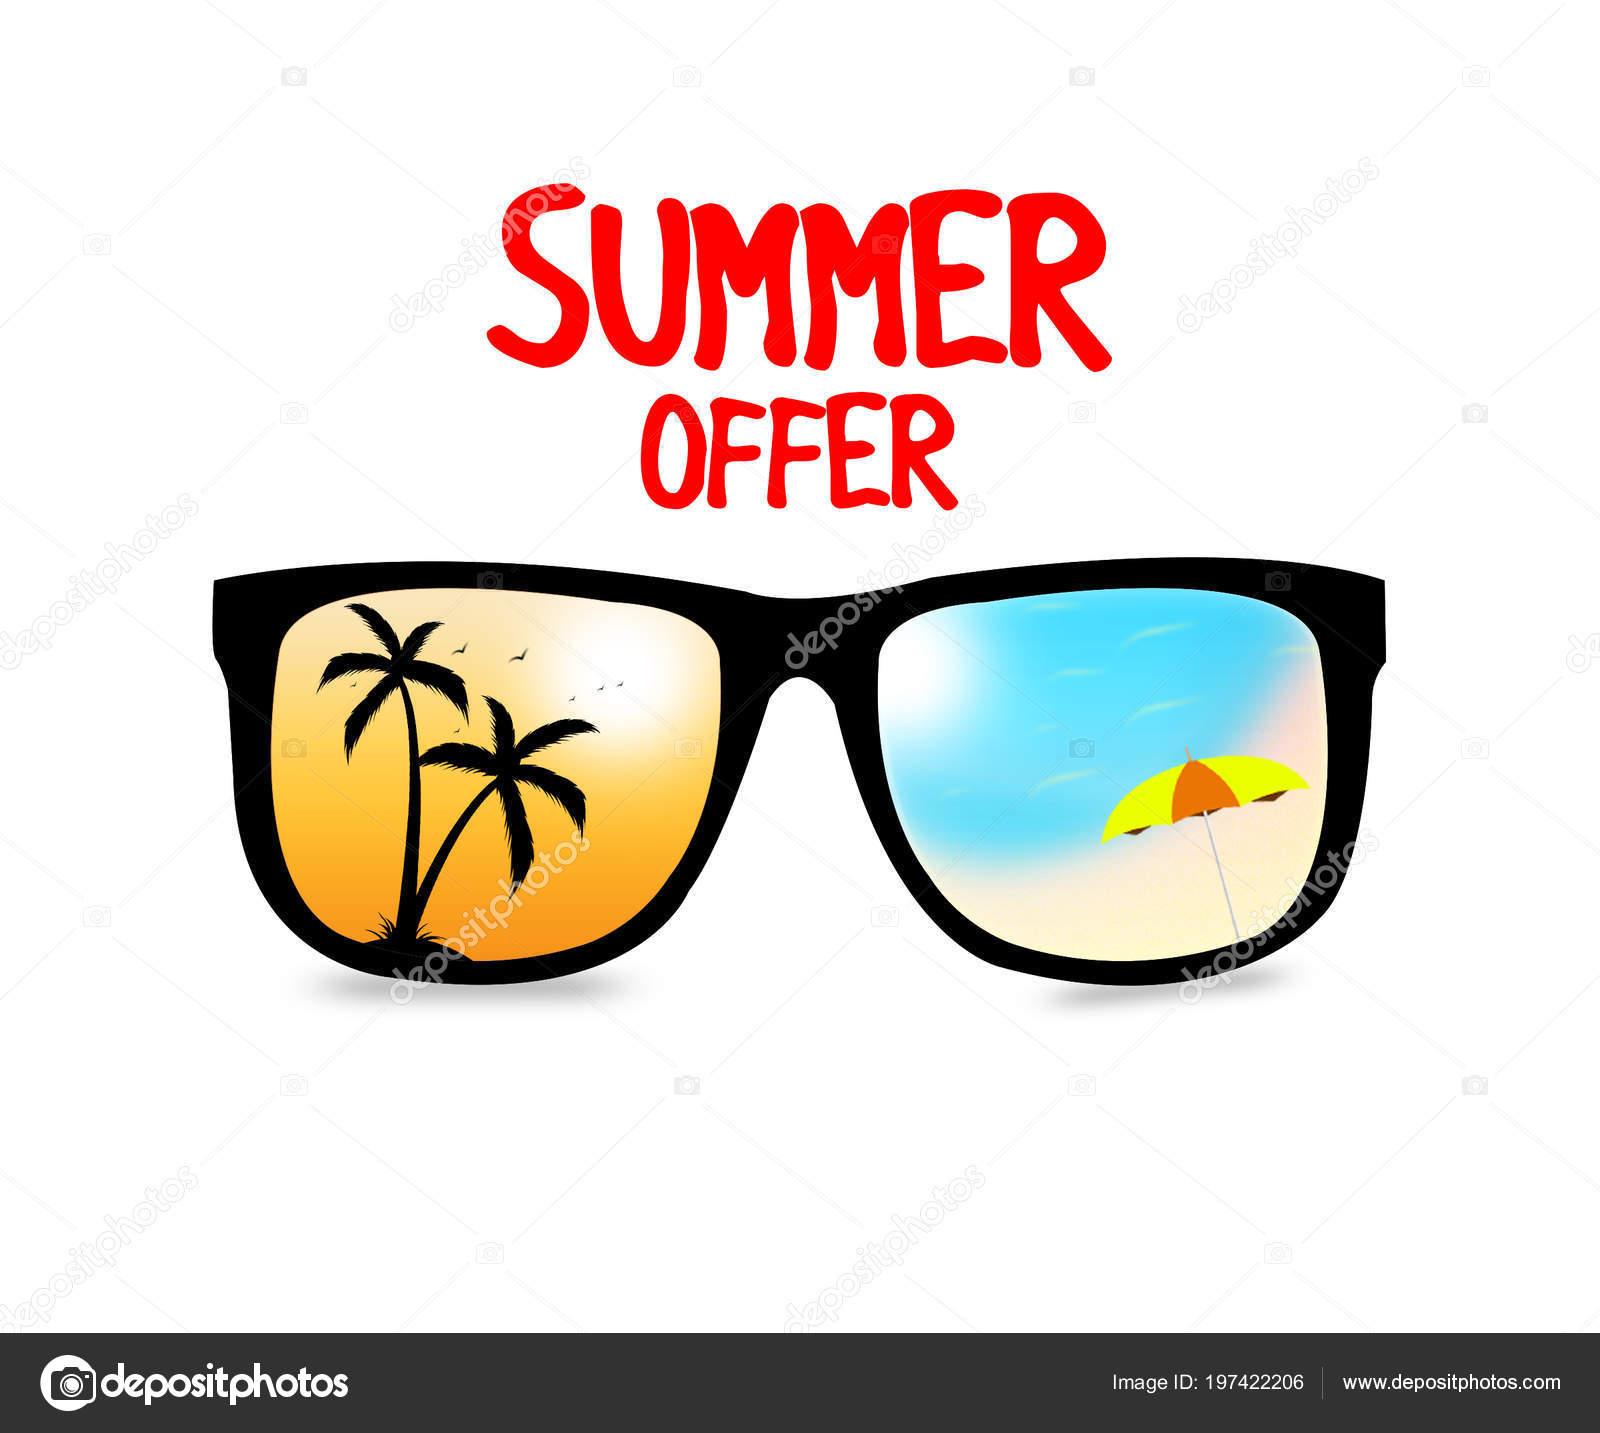 a98169348 Venda Verão Oferecem Banner Com Óculos Sol Legais Fundo Branco — Fotografia  de Stock